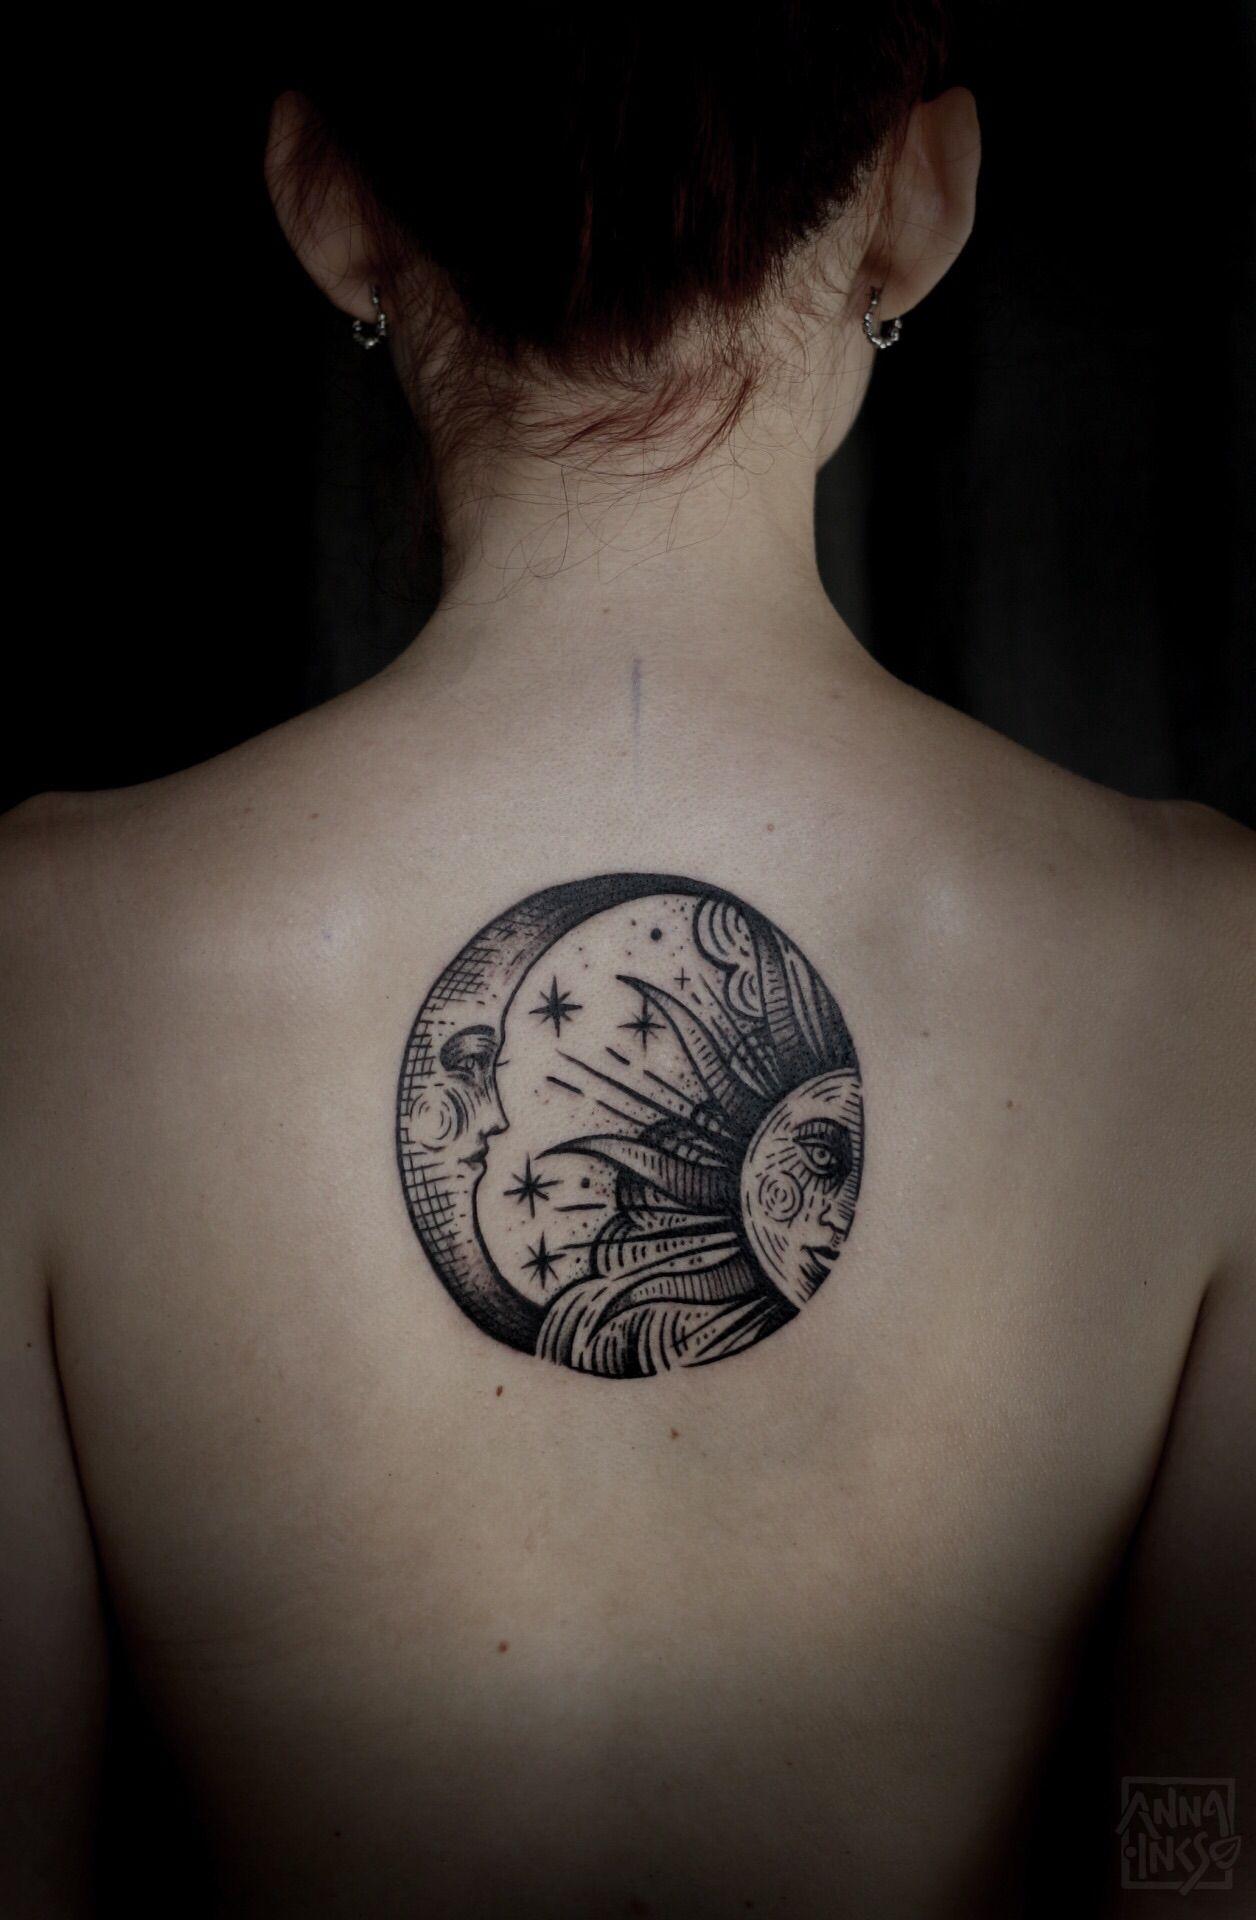 Si vous cherchez un design de tatouage symbolique et chargé de  significations profondes le tatouage lune et soleil est peut,être pour vous.